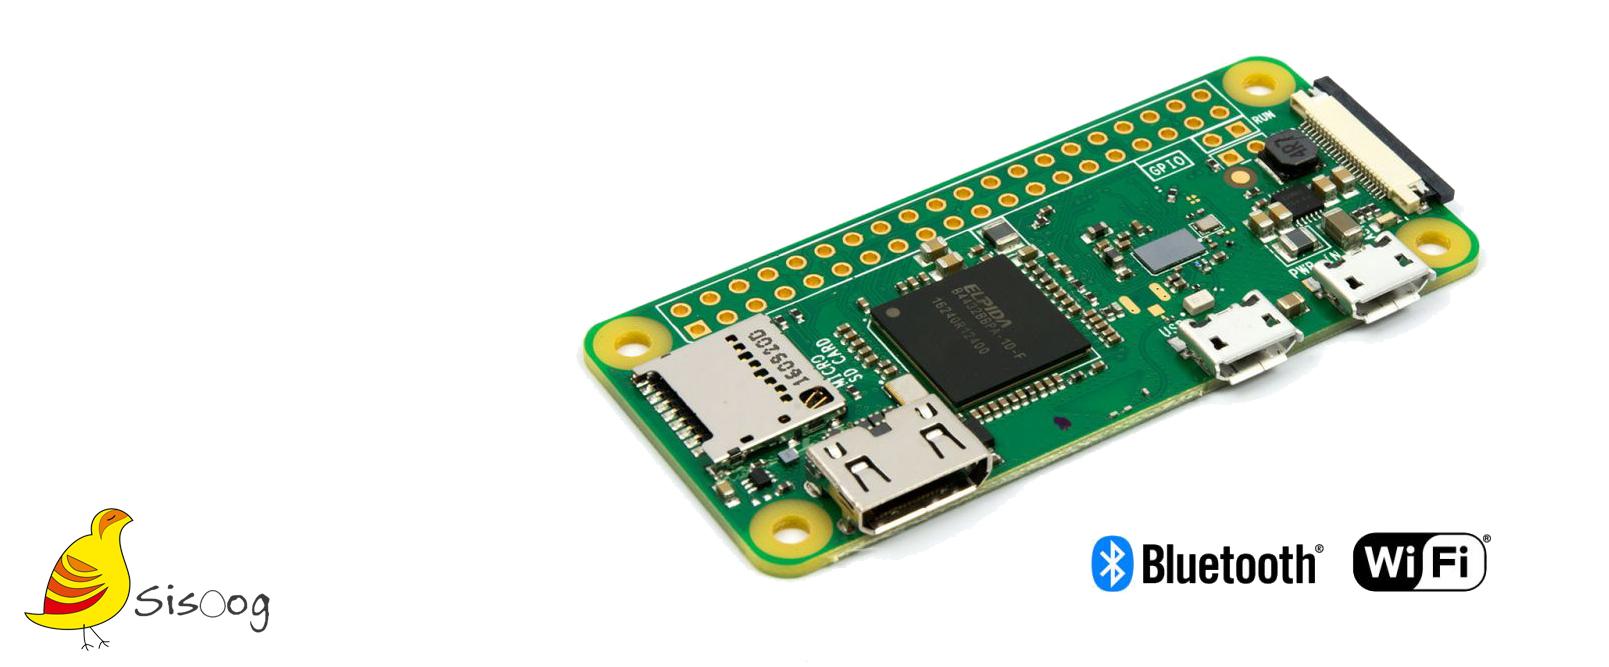 نسخه جدید   zero-W Raspberry Pi ، همراه بلوتوث و WLAN